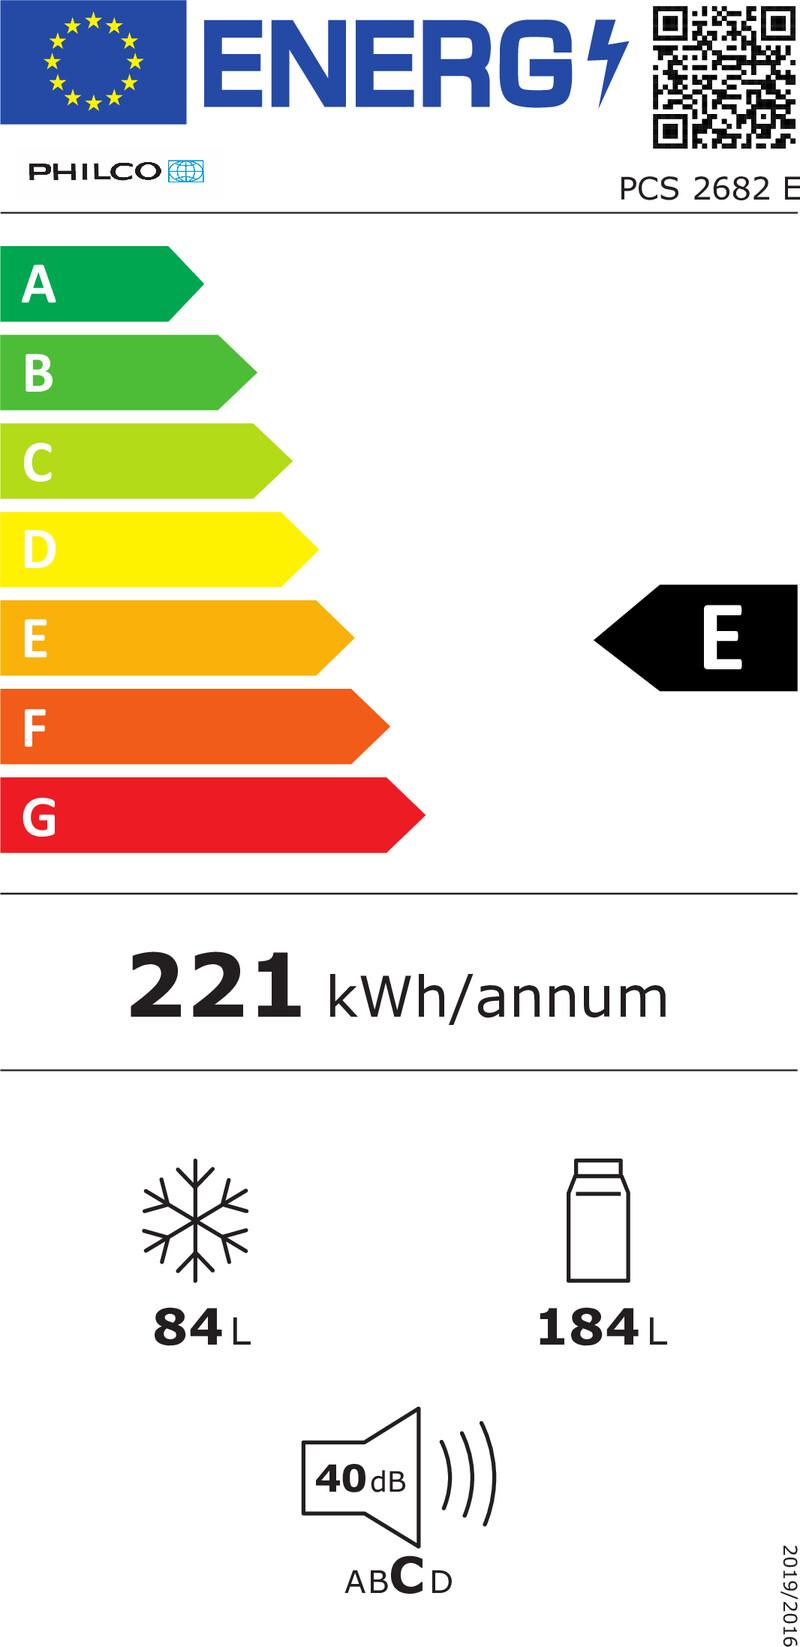 Energetický štítek Philco PCS 2682 E